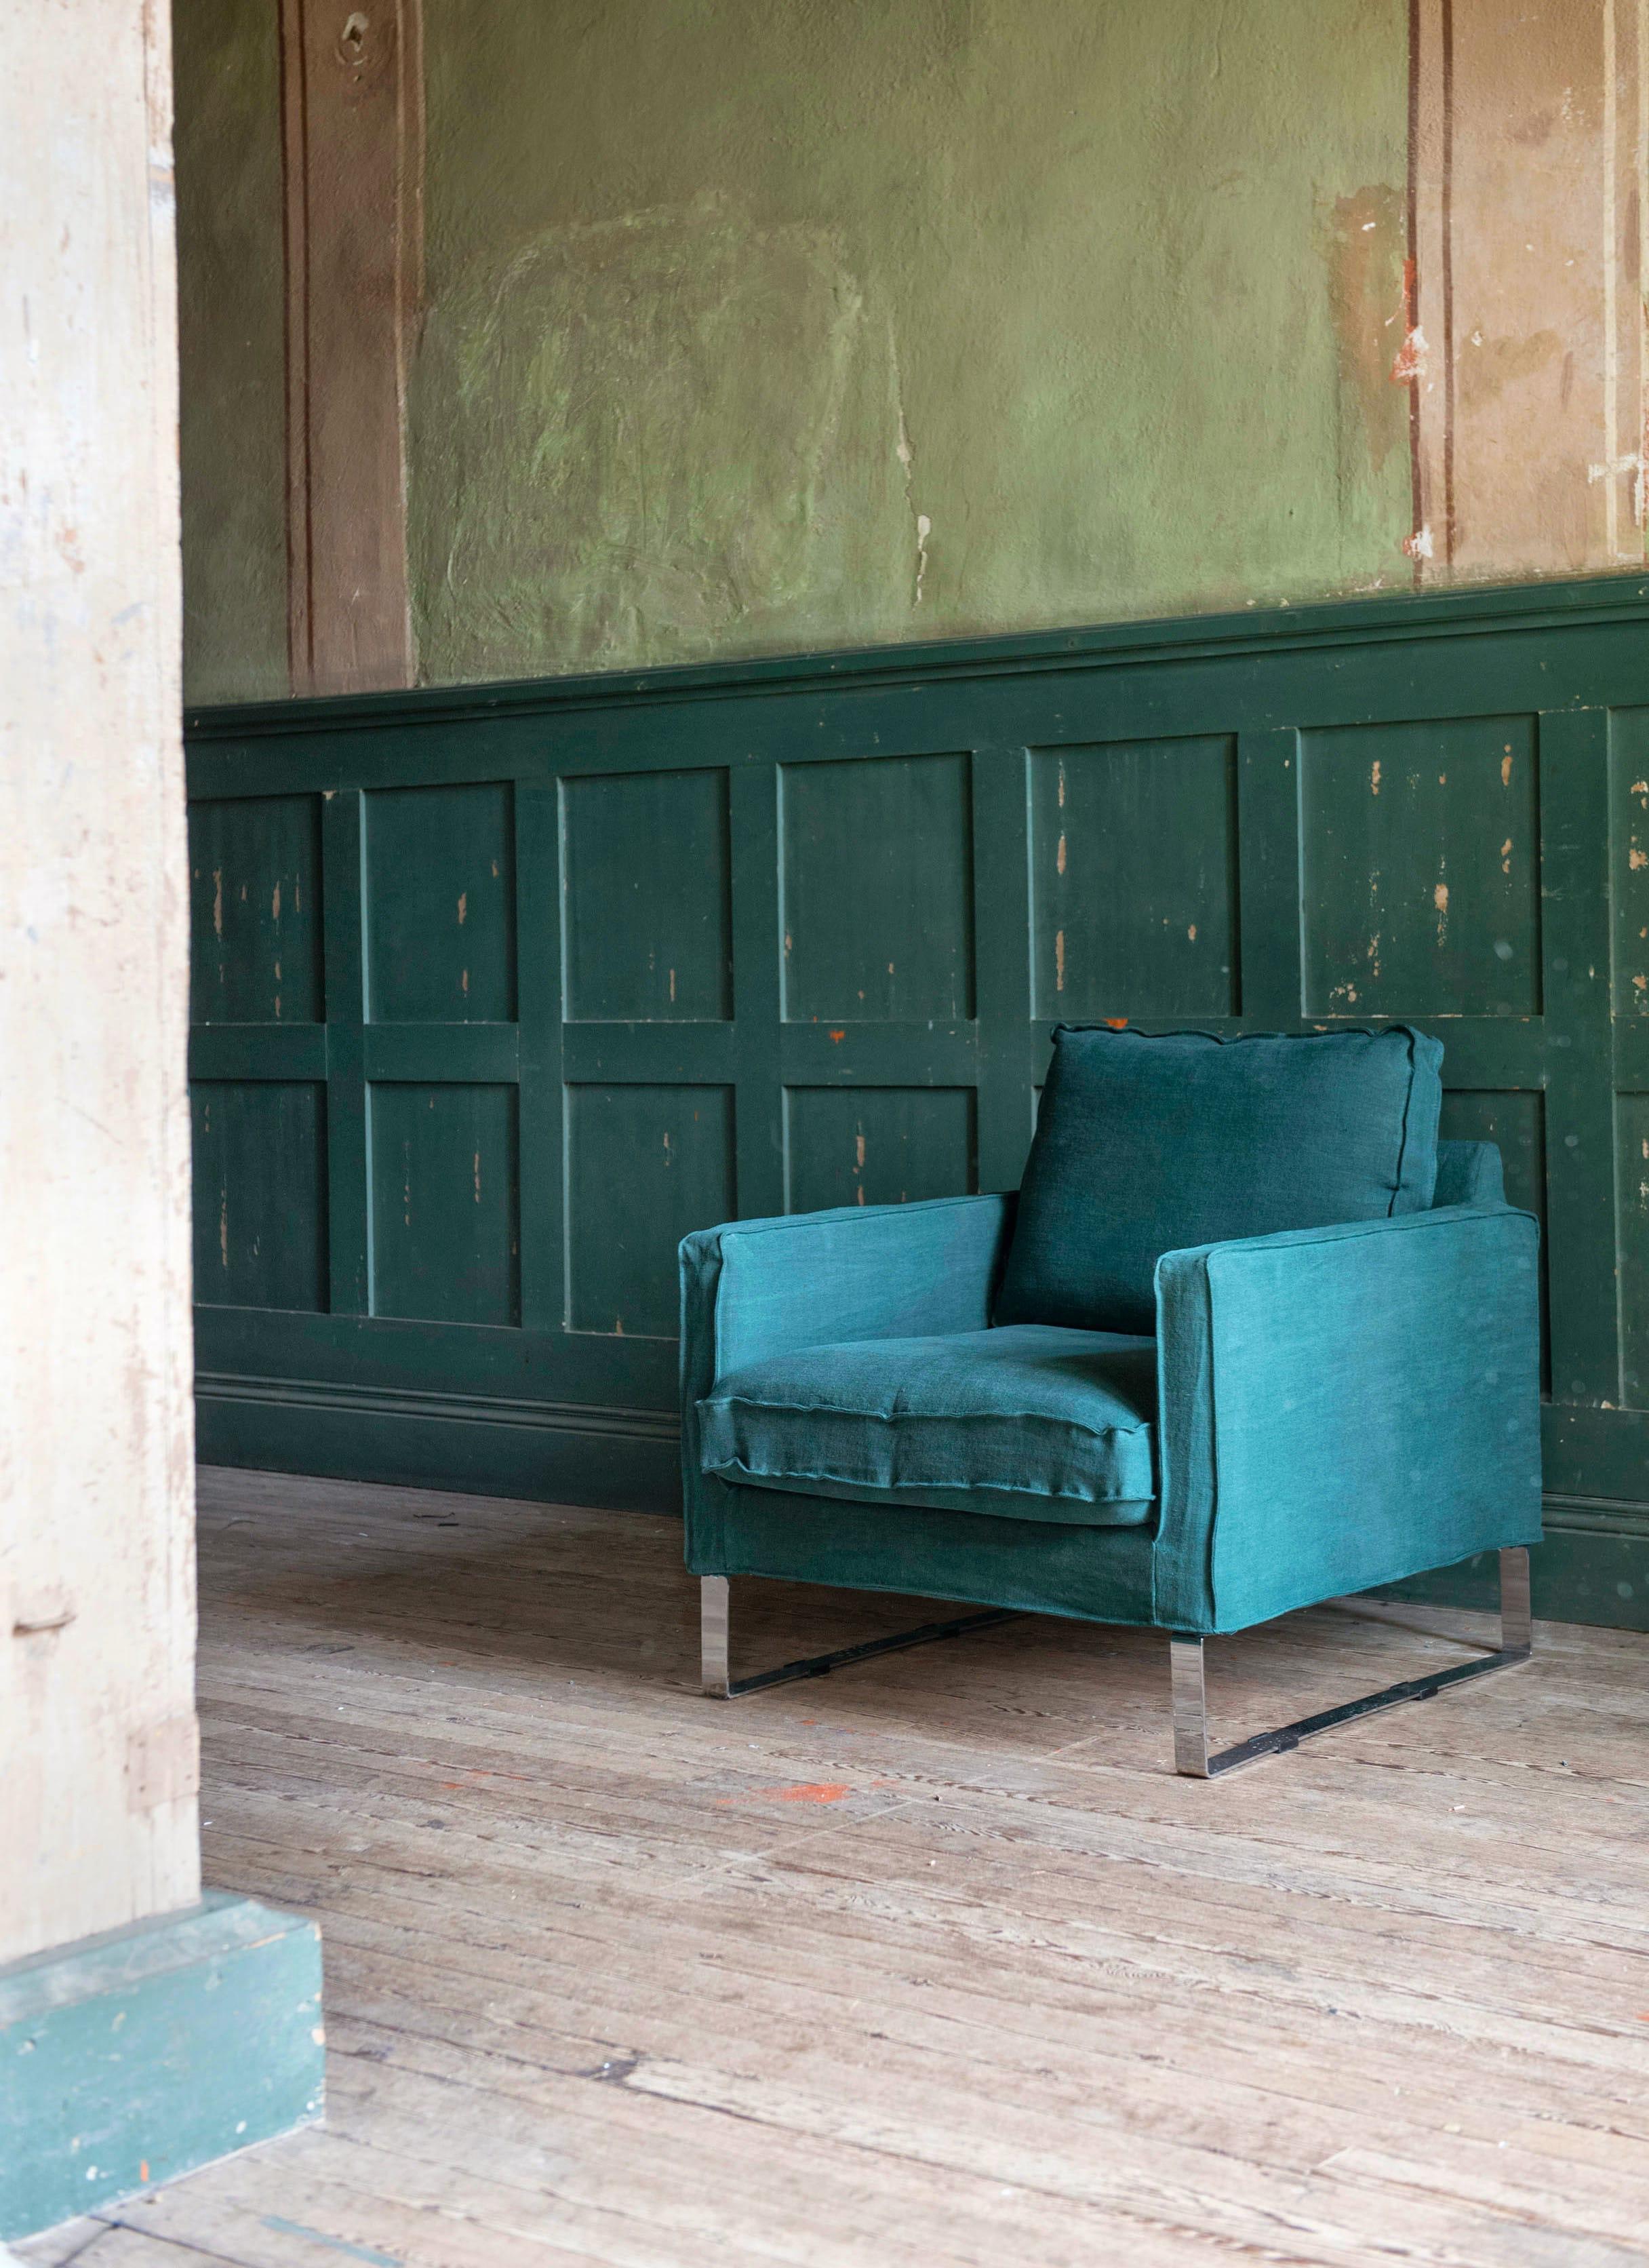 Housse de fauteuil melby d 39 ikea les nouveaux canap s ikea relook s par - Ikea fauteuil mellby ...